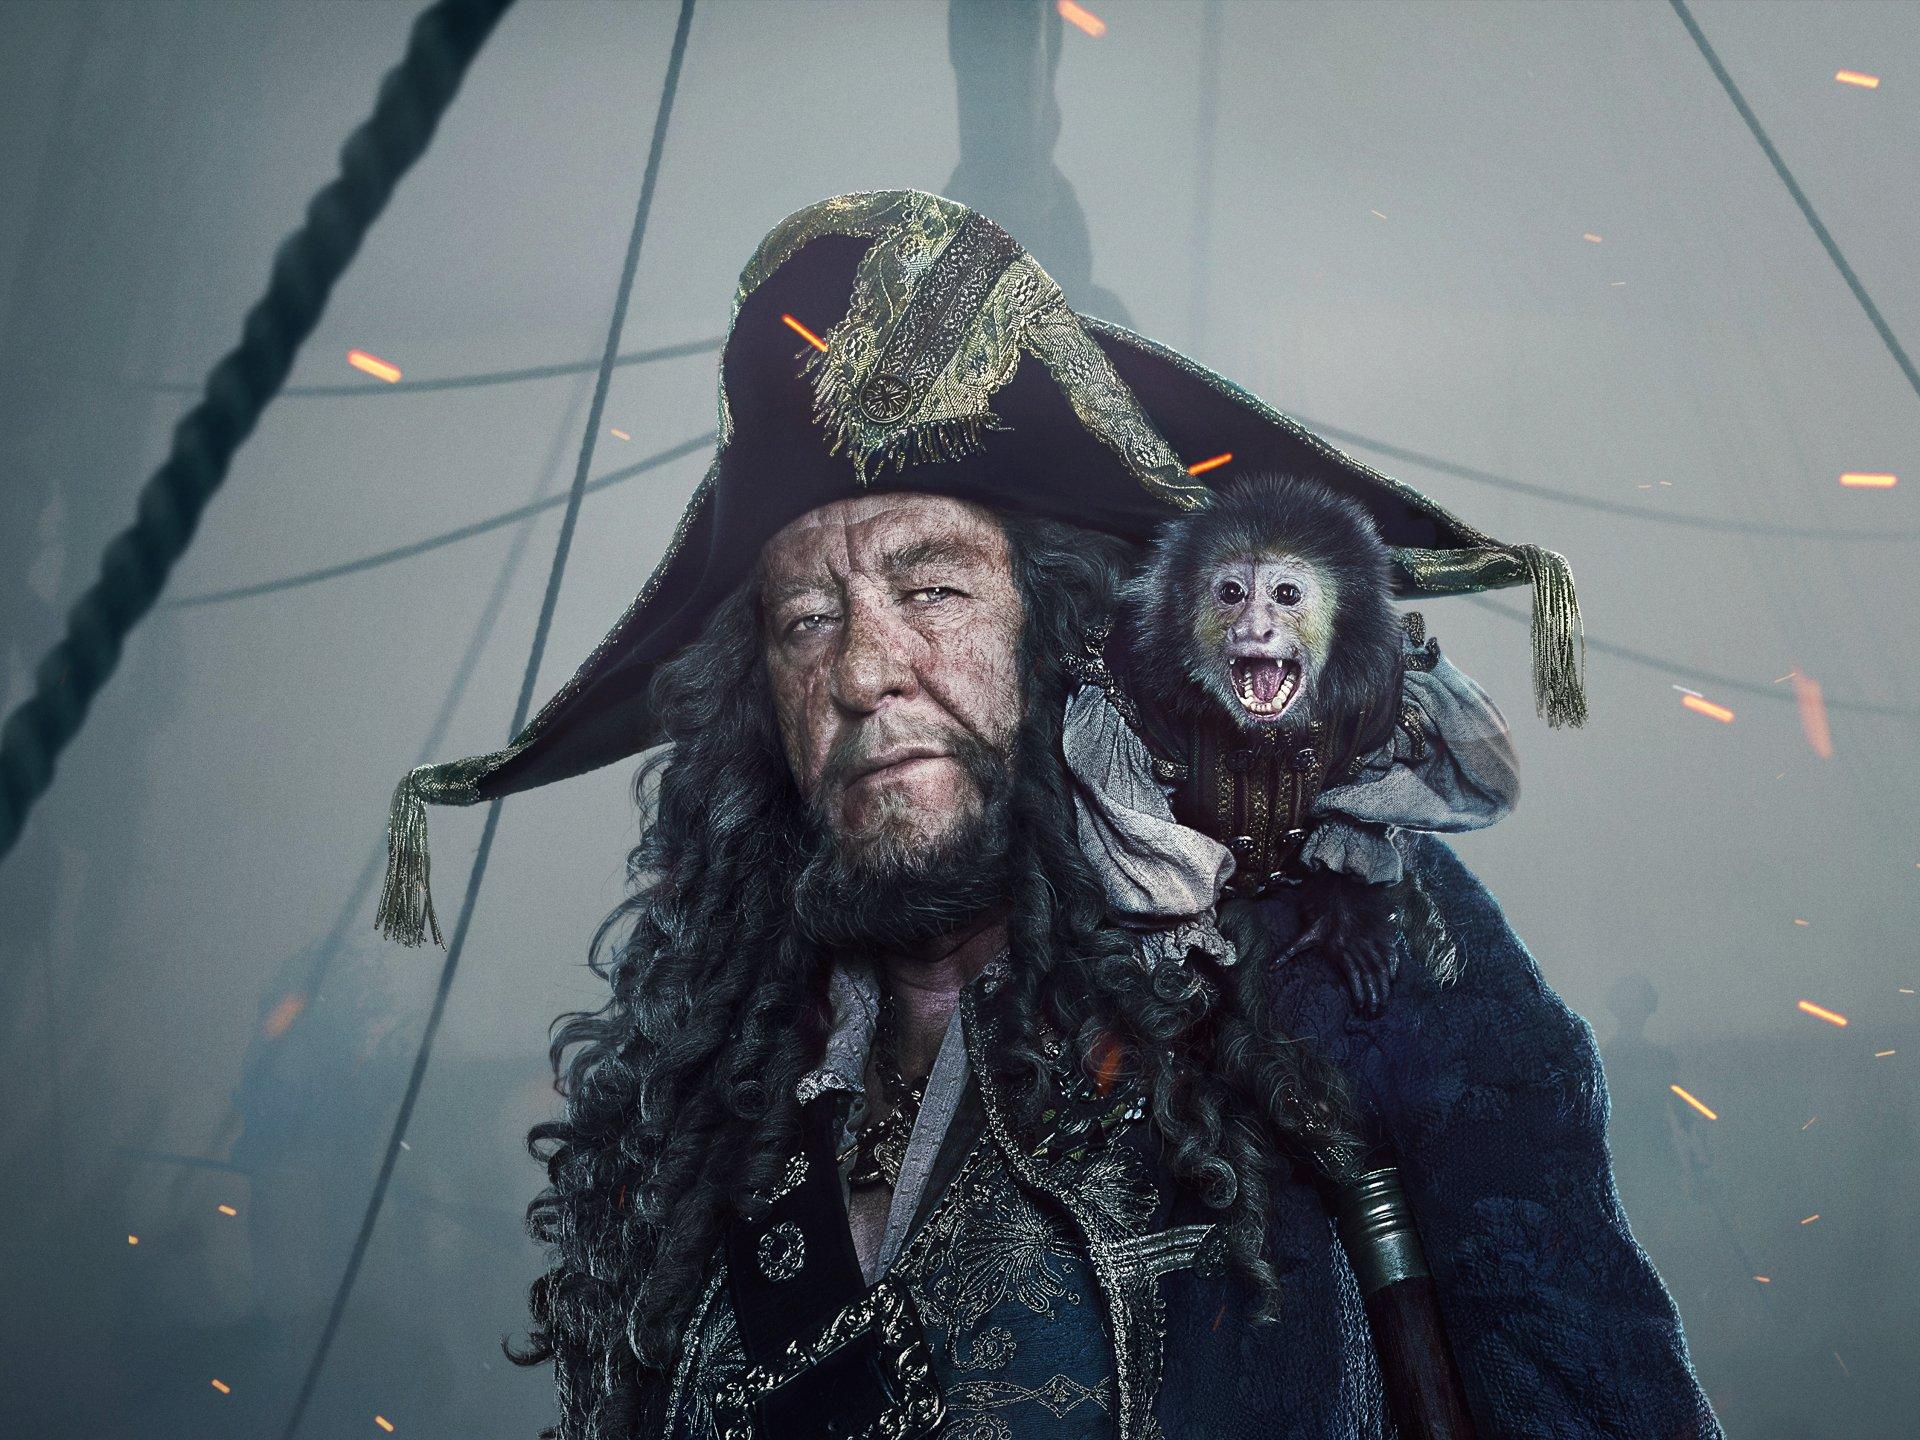 Deadpool Hd Wallpaper Iphone Fondos De Piratas Del Caribe 5 Wallpapers Pirates Of The